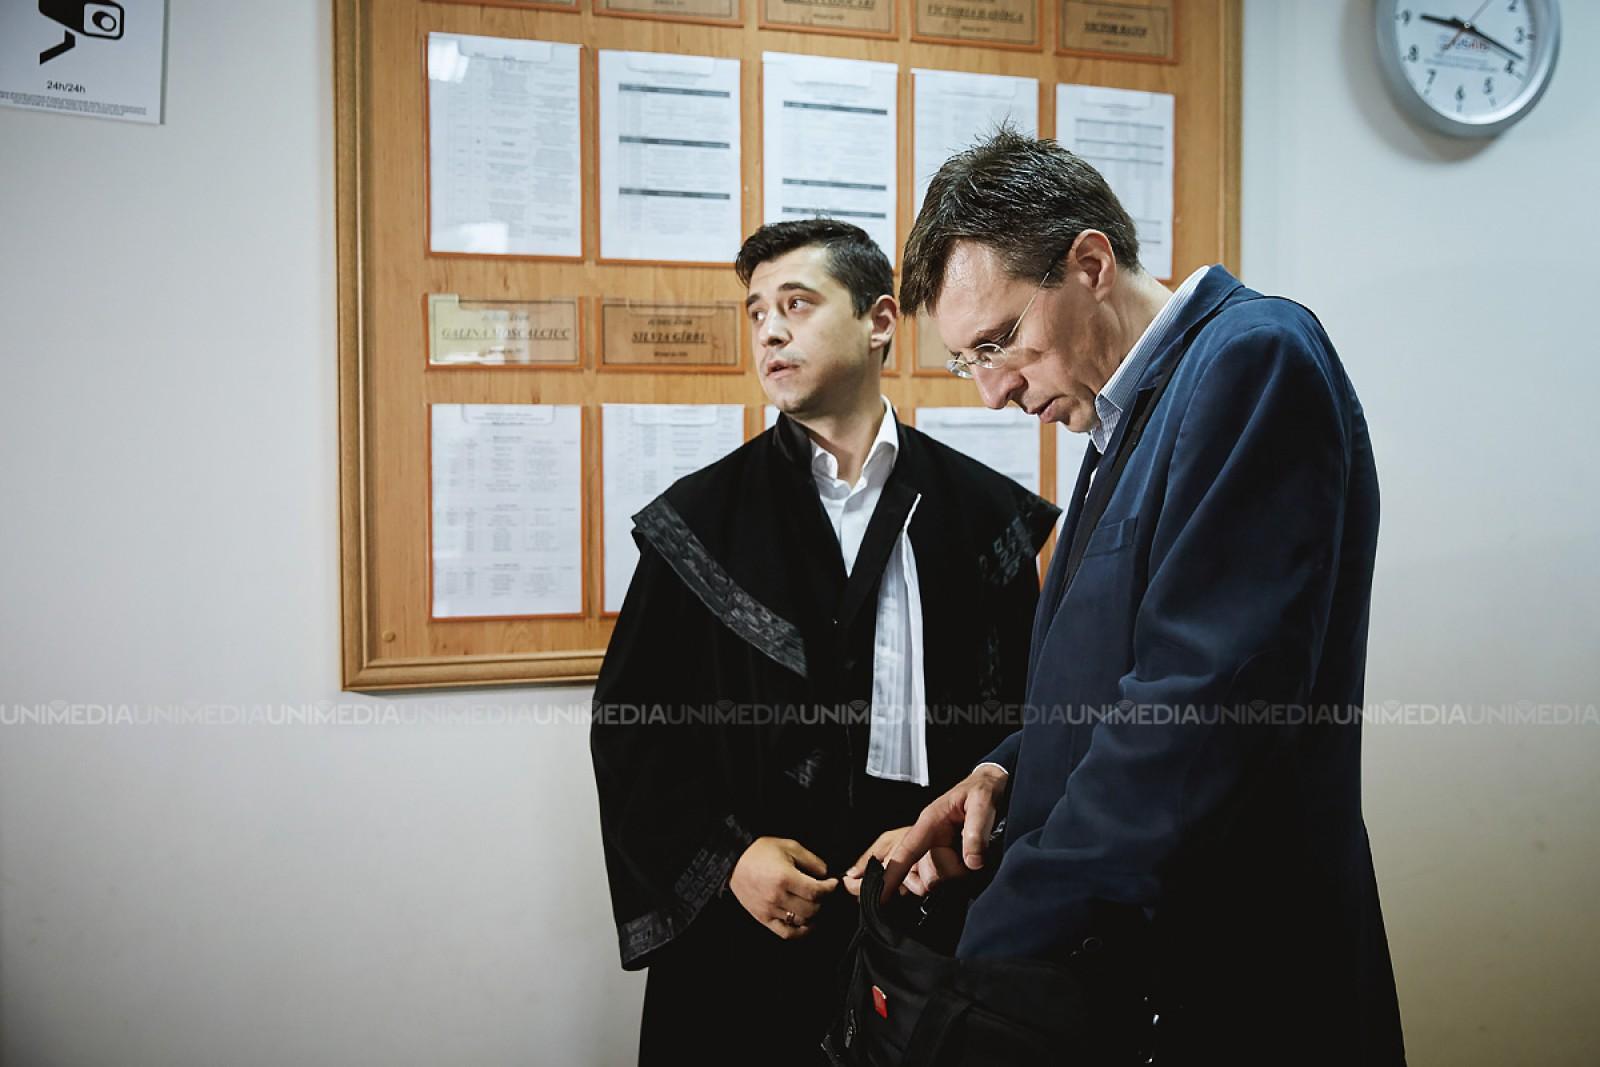 Solicitarea lui Dorin Chirtoacă de a participa la Ziua Unirii de la Iași, respinsă de magistrați. Procurorul motivează că ar putea fugi